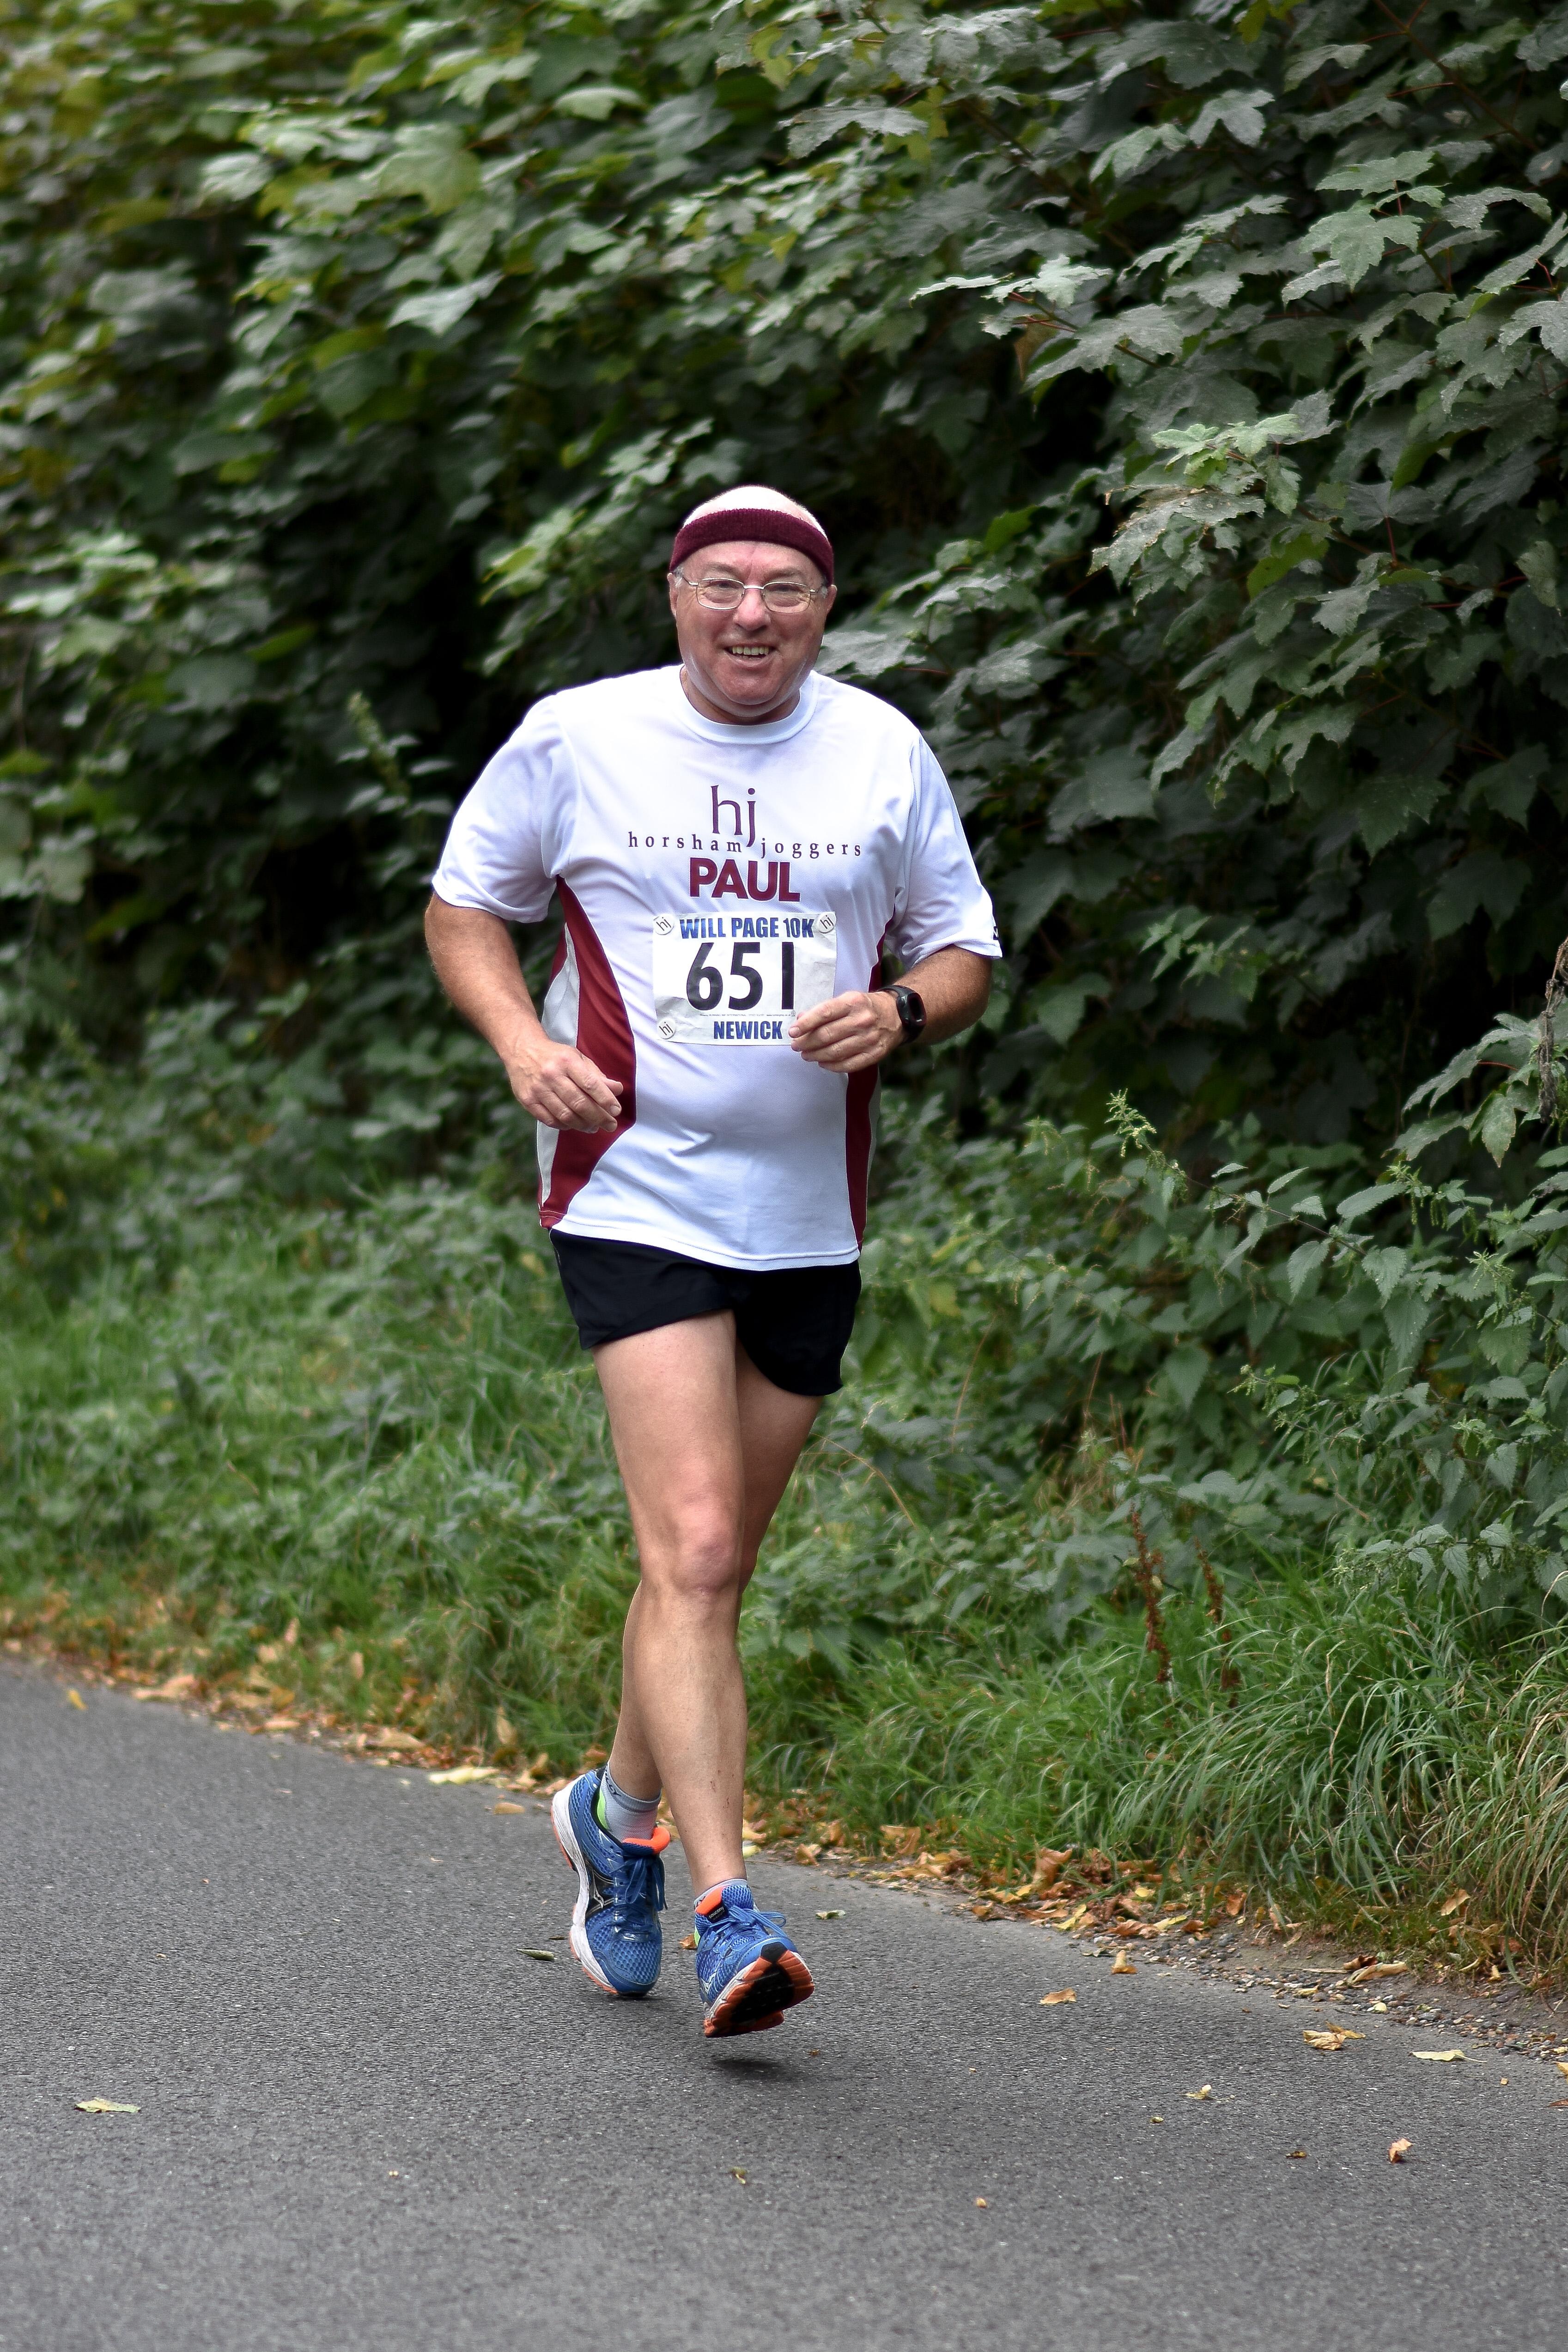 Runner - 651 (2)